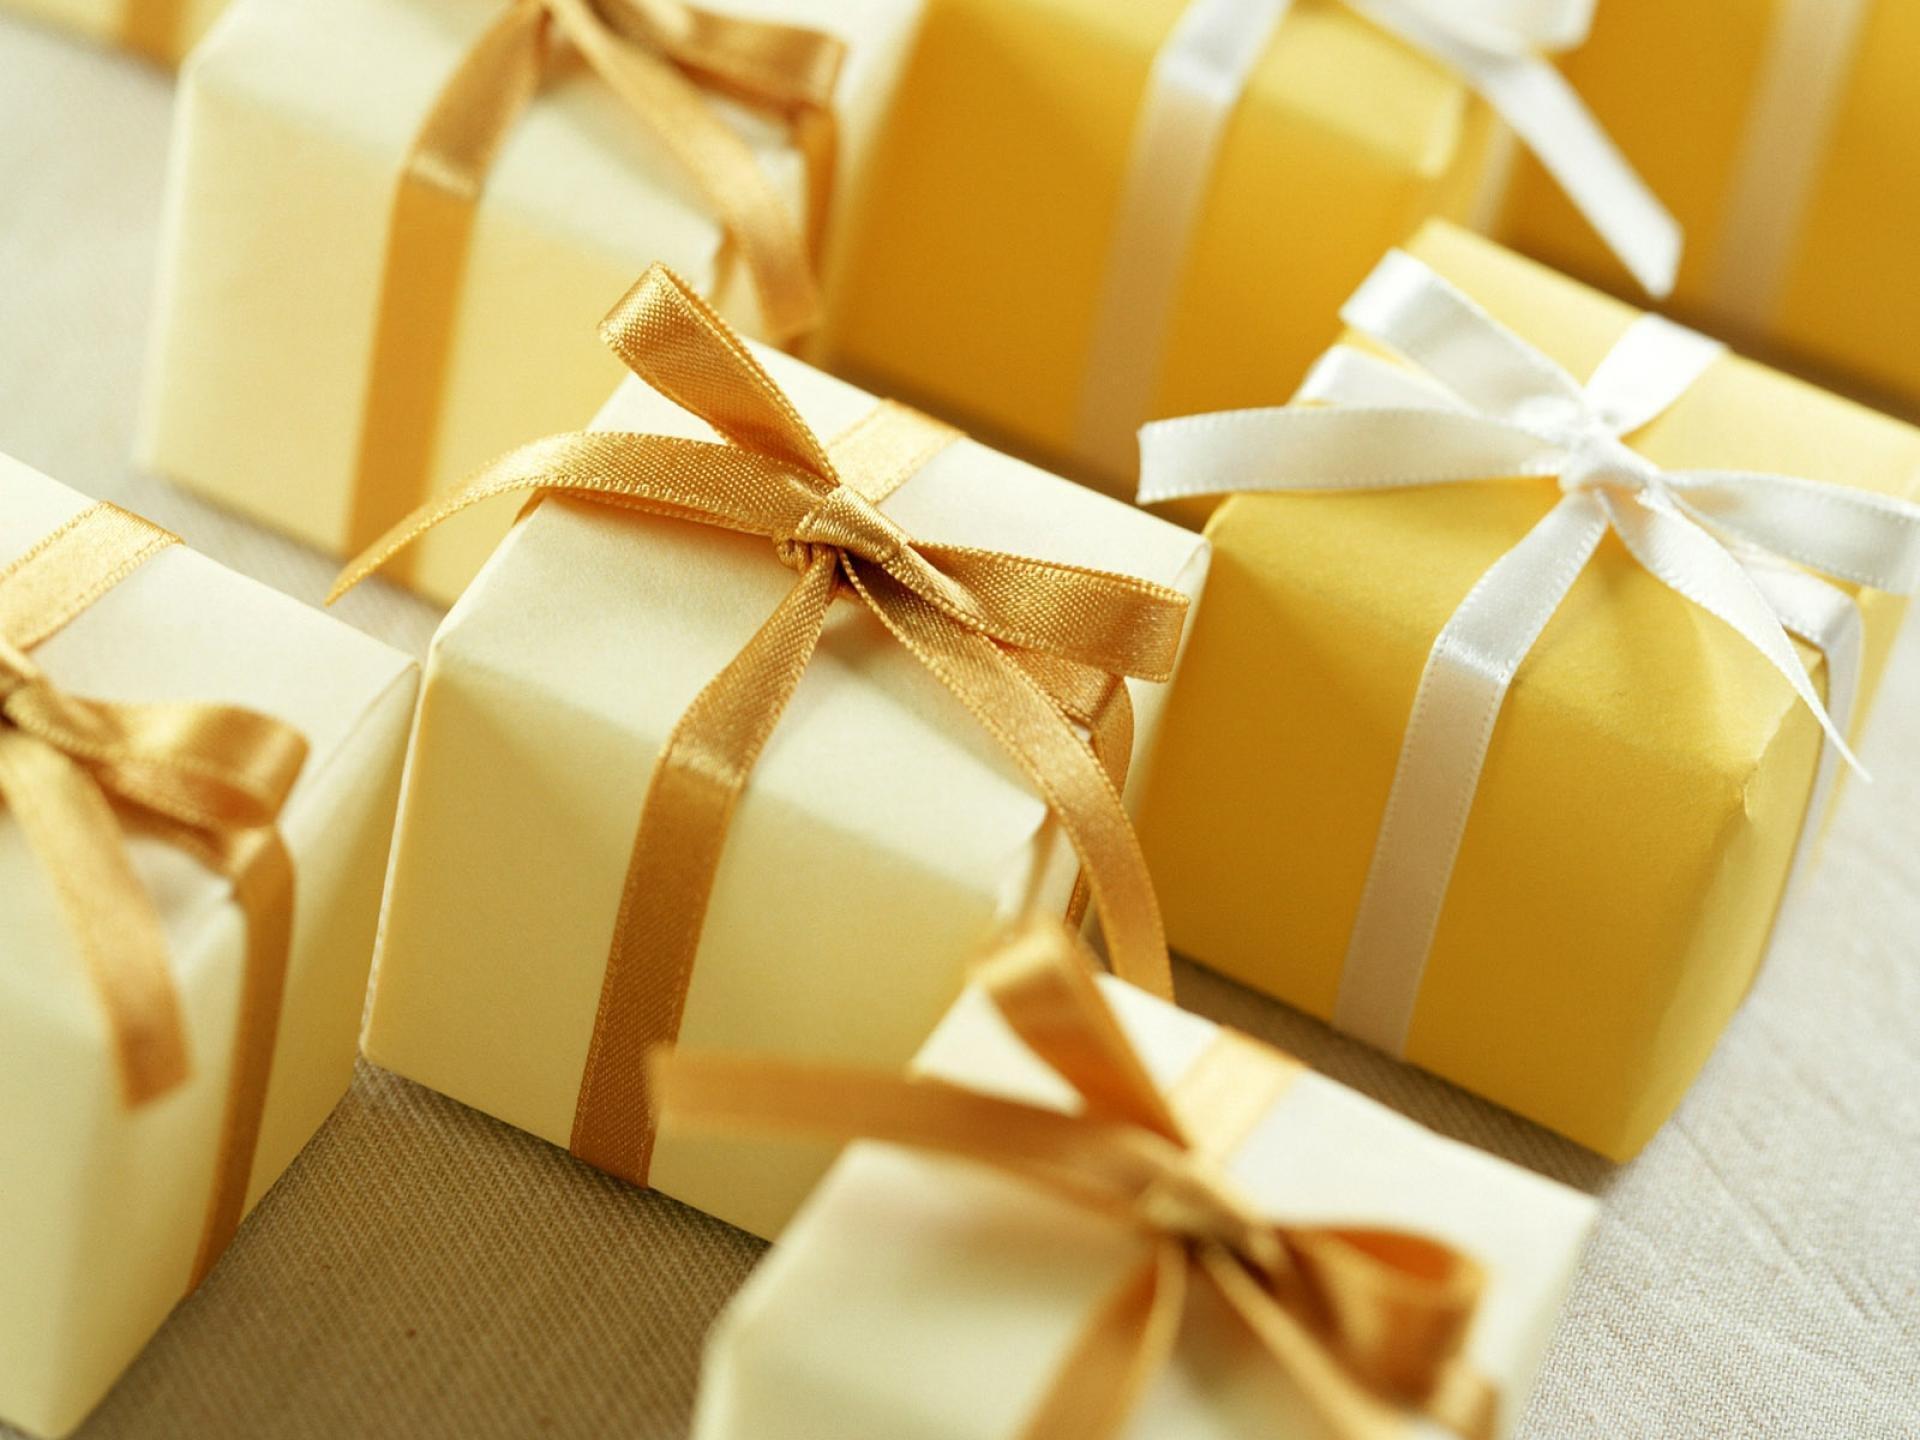 Картинки, подарки на день рождения картинки